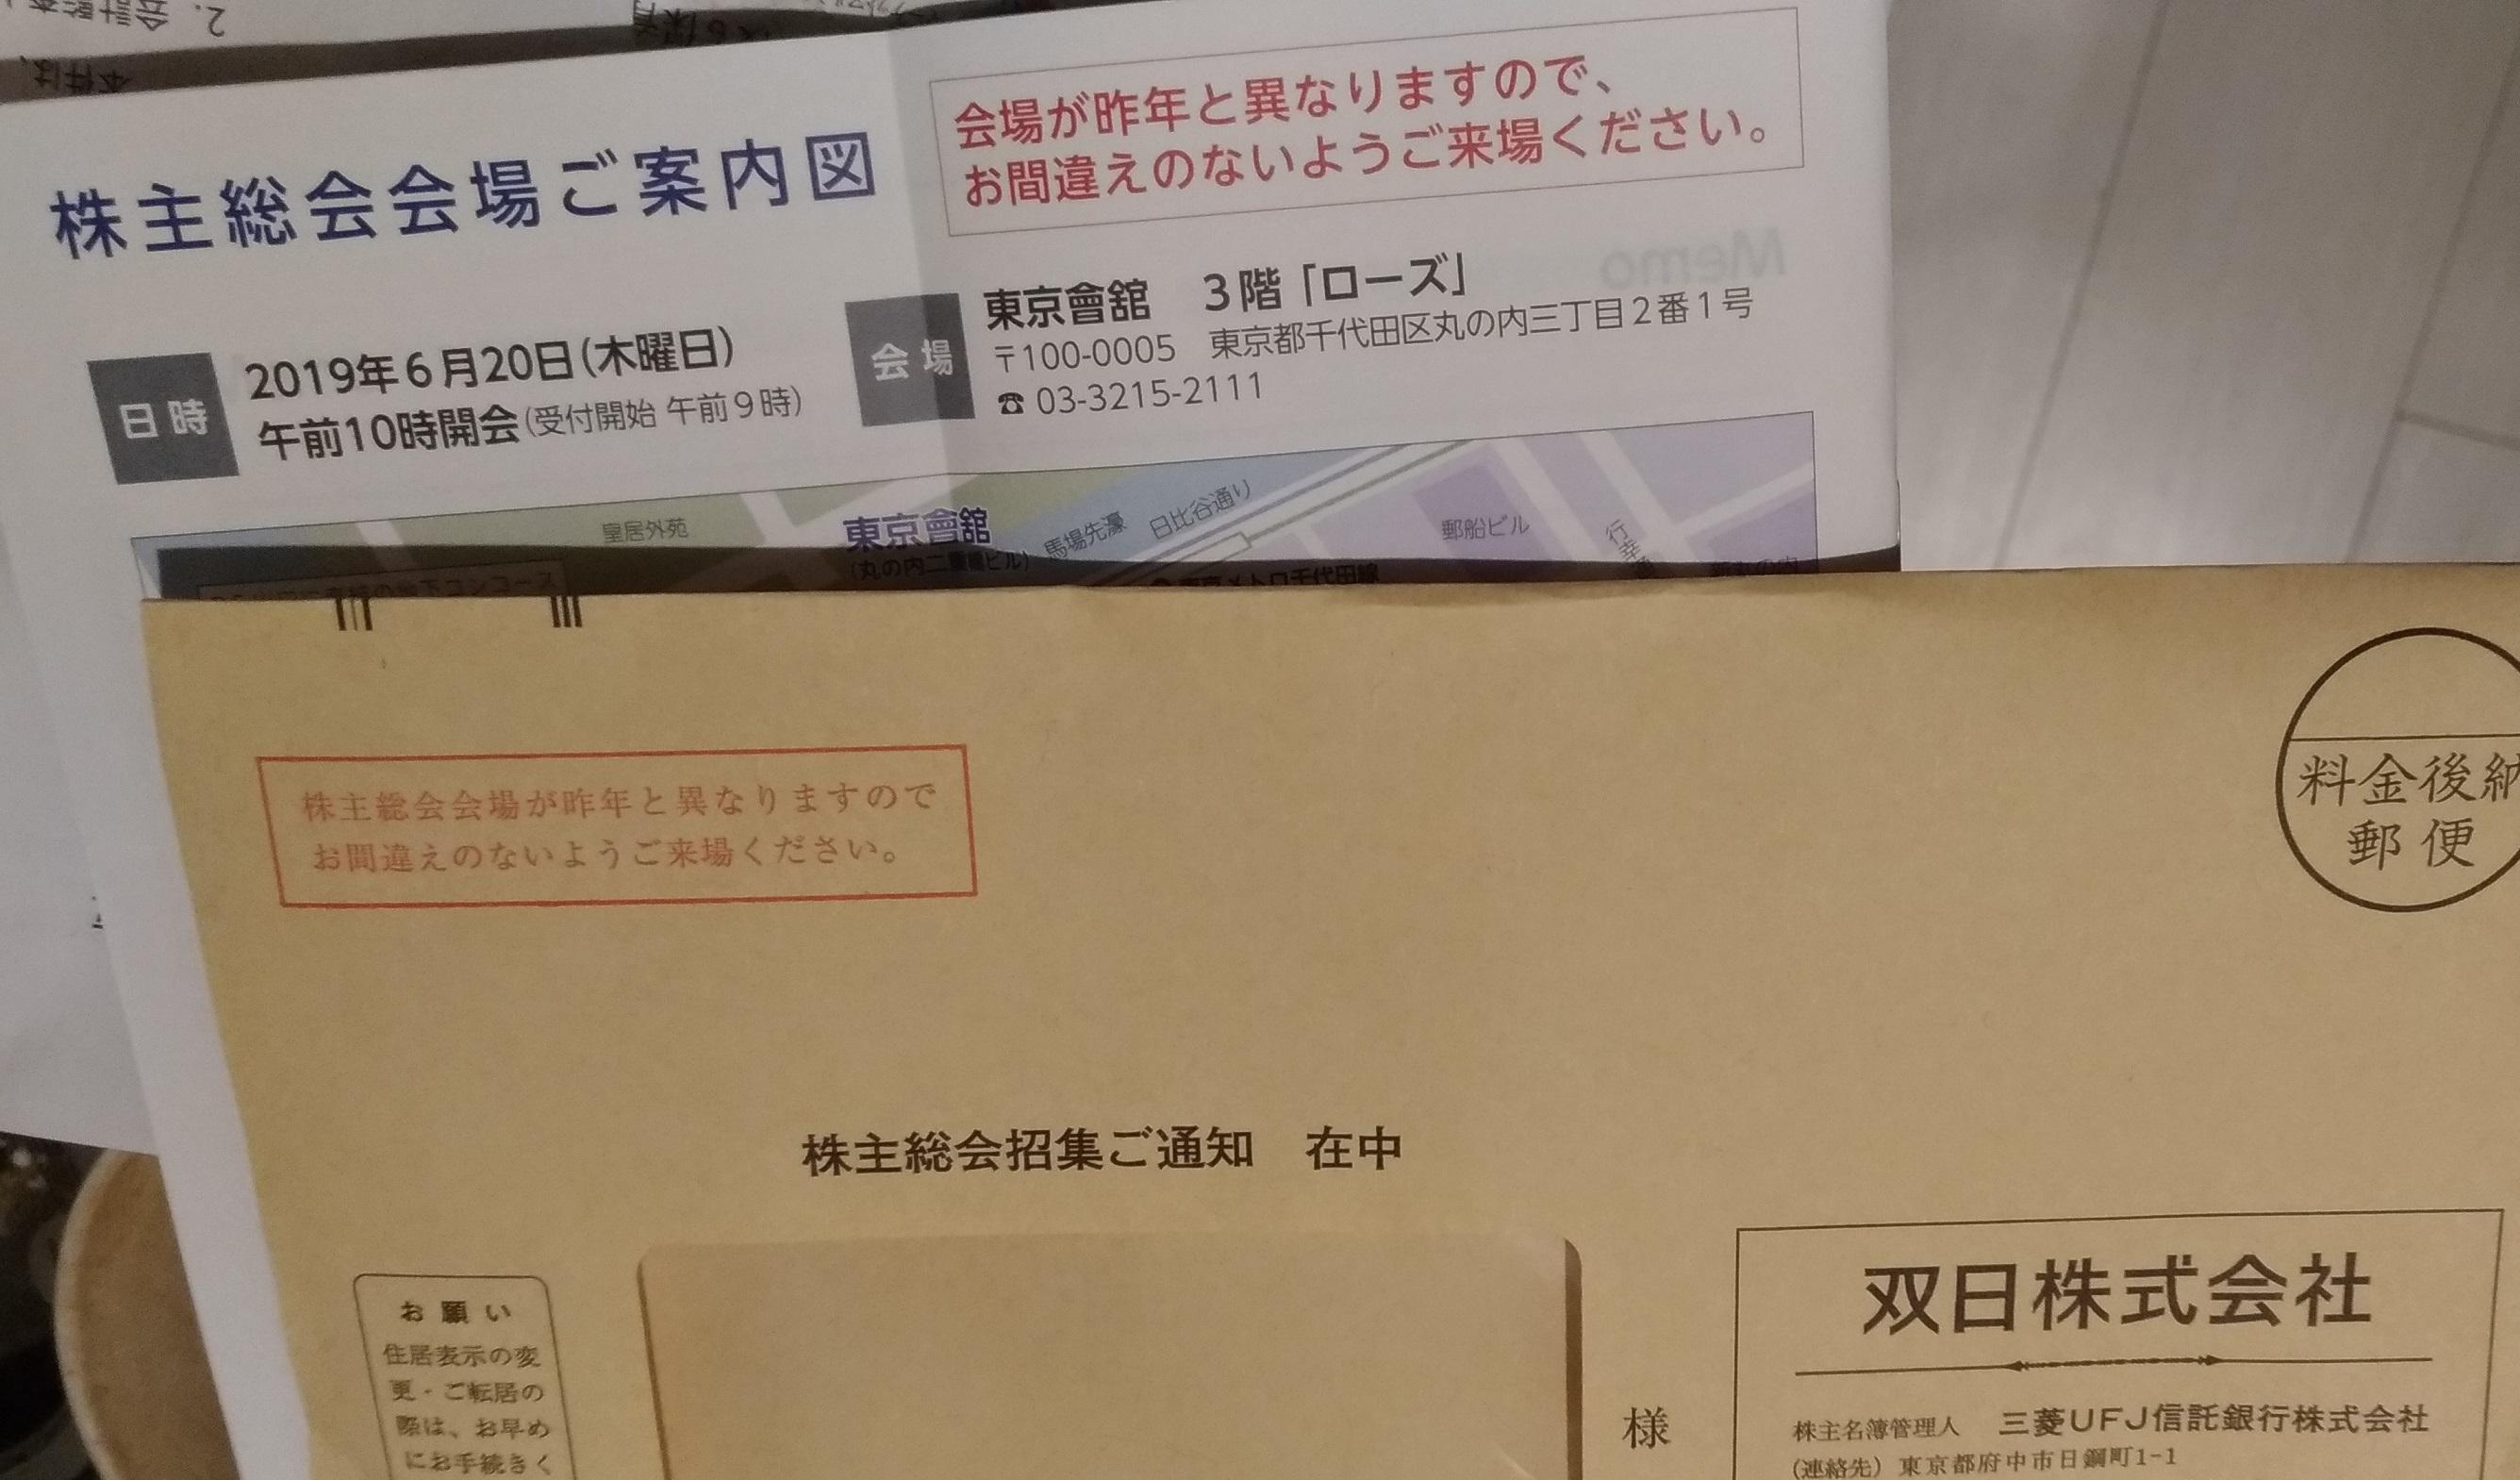 kabu_haito_soujitsu_itsu2019_.jpg